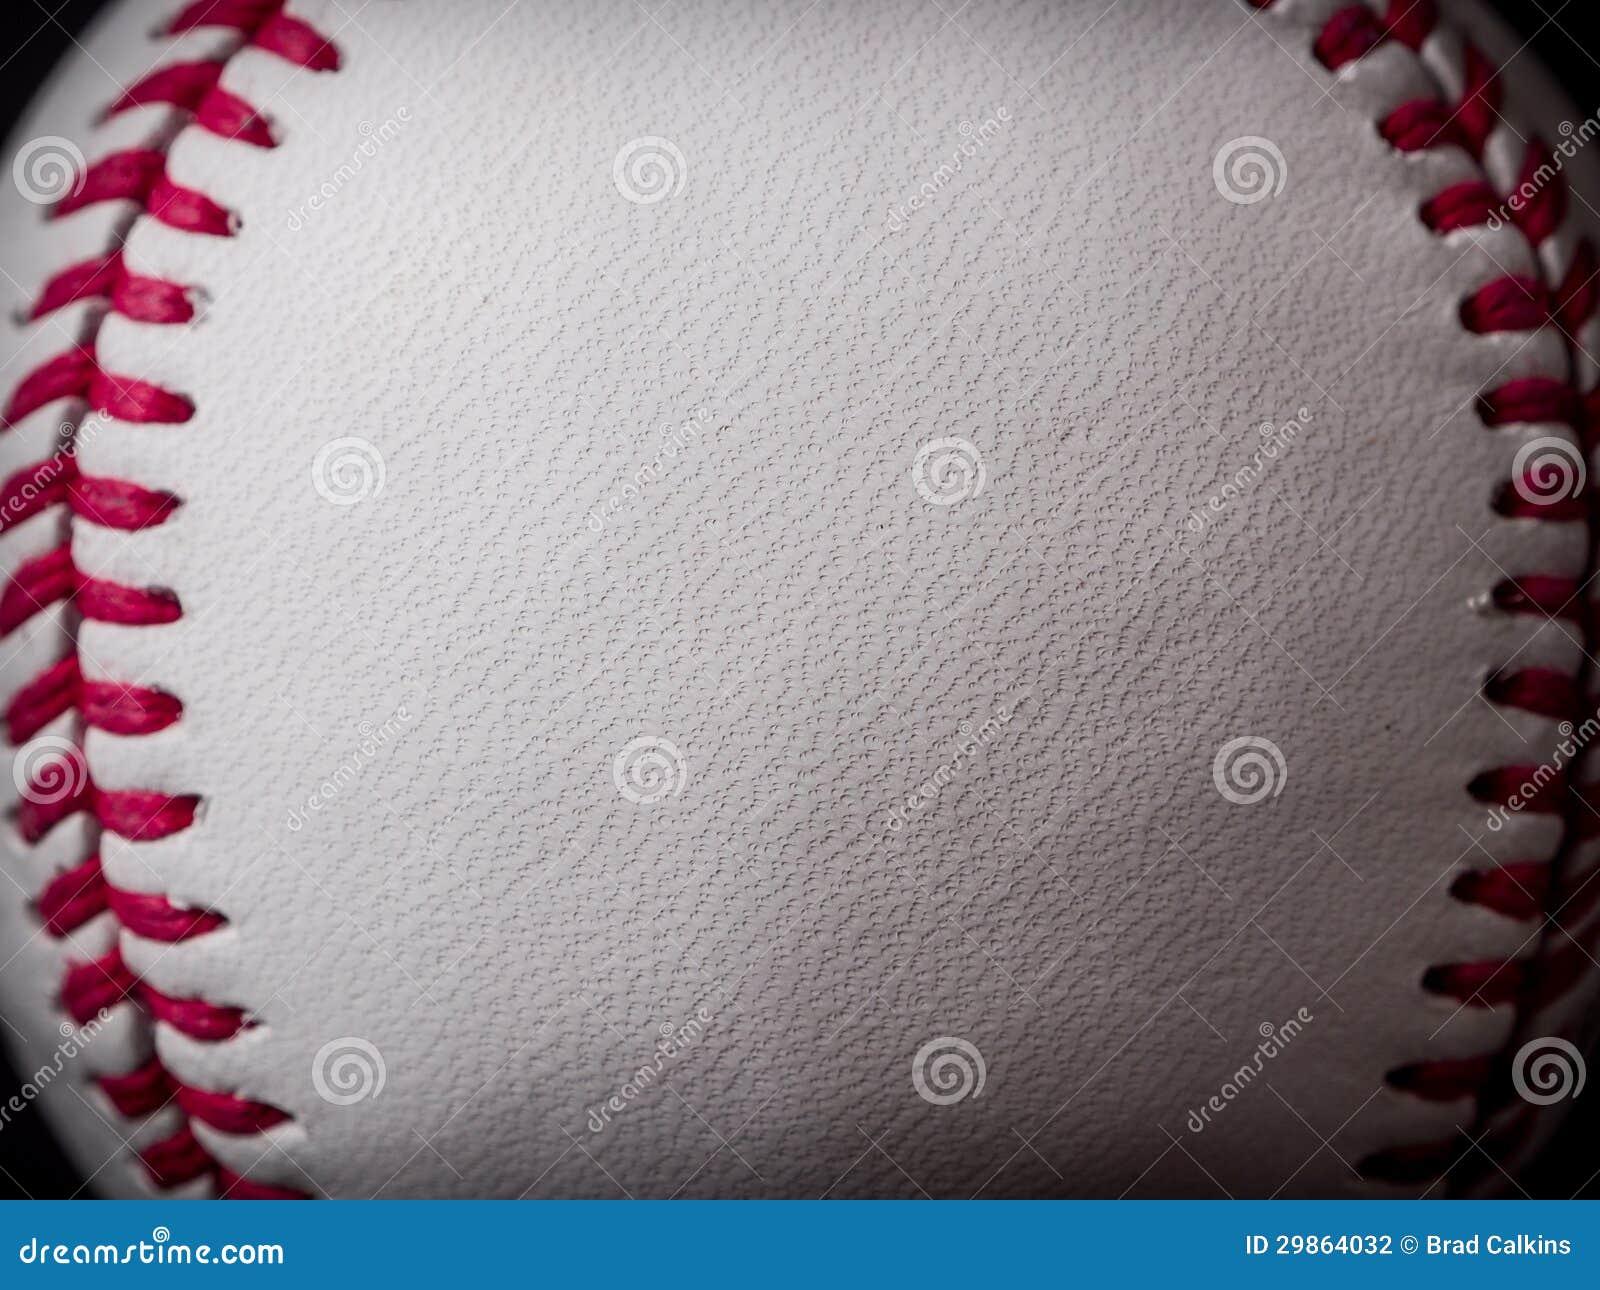 baseball background stock photo  image of ball  background